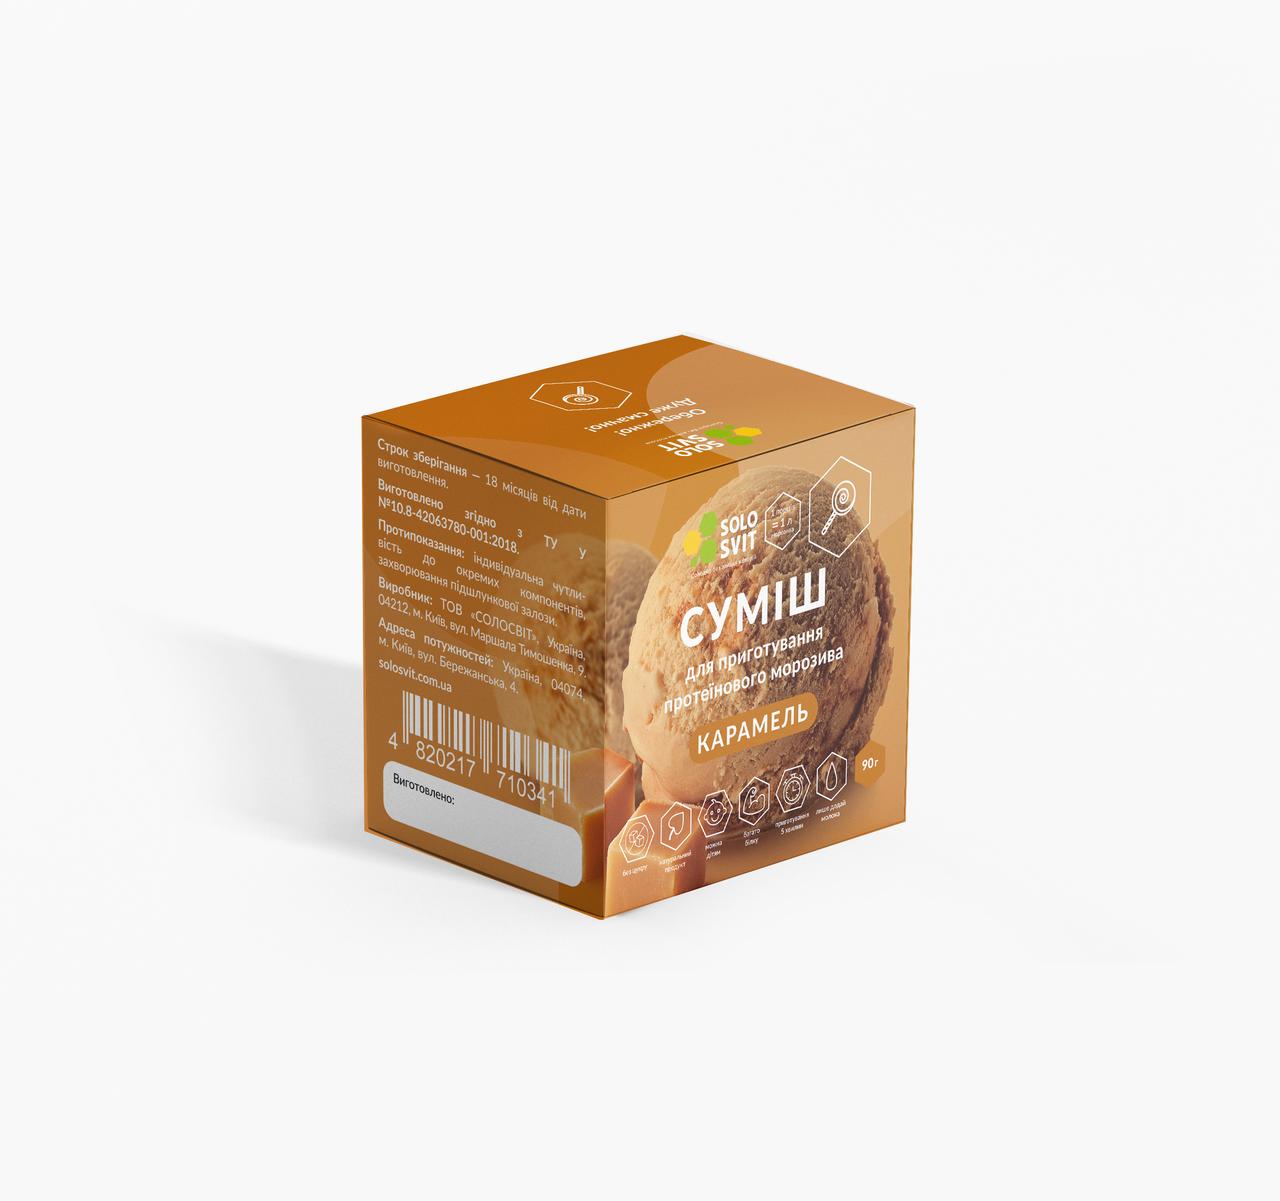 Протеиновое мороженое без сахара SoloSvit, карамель